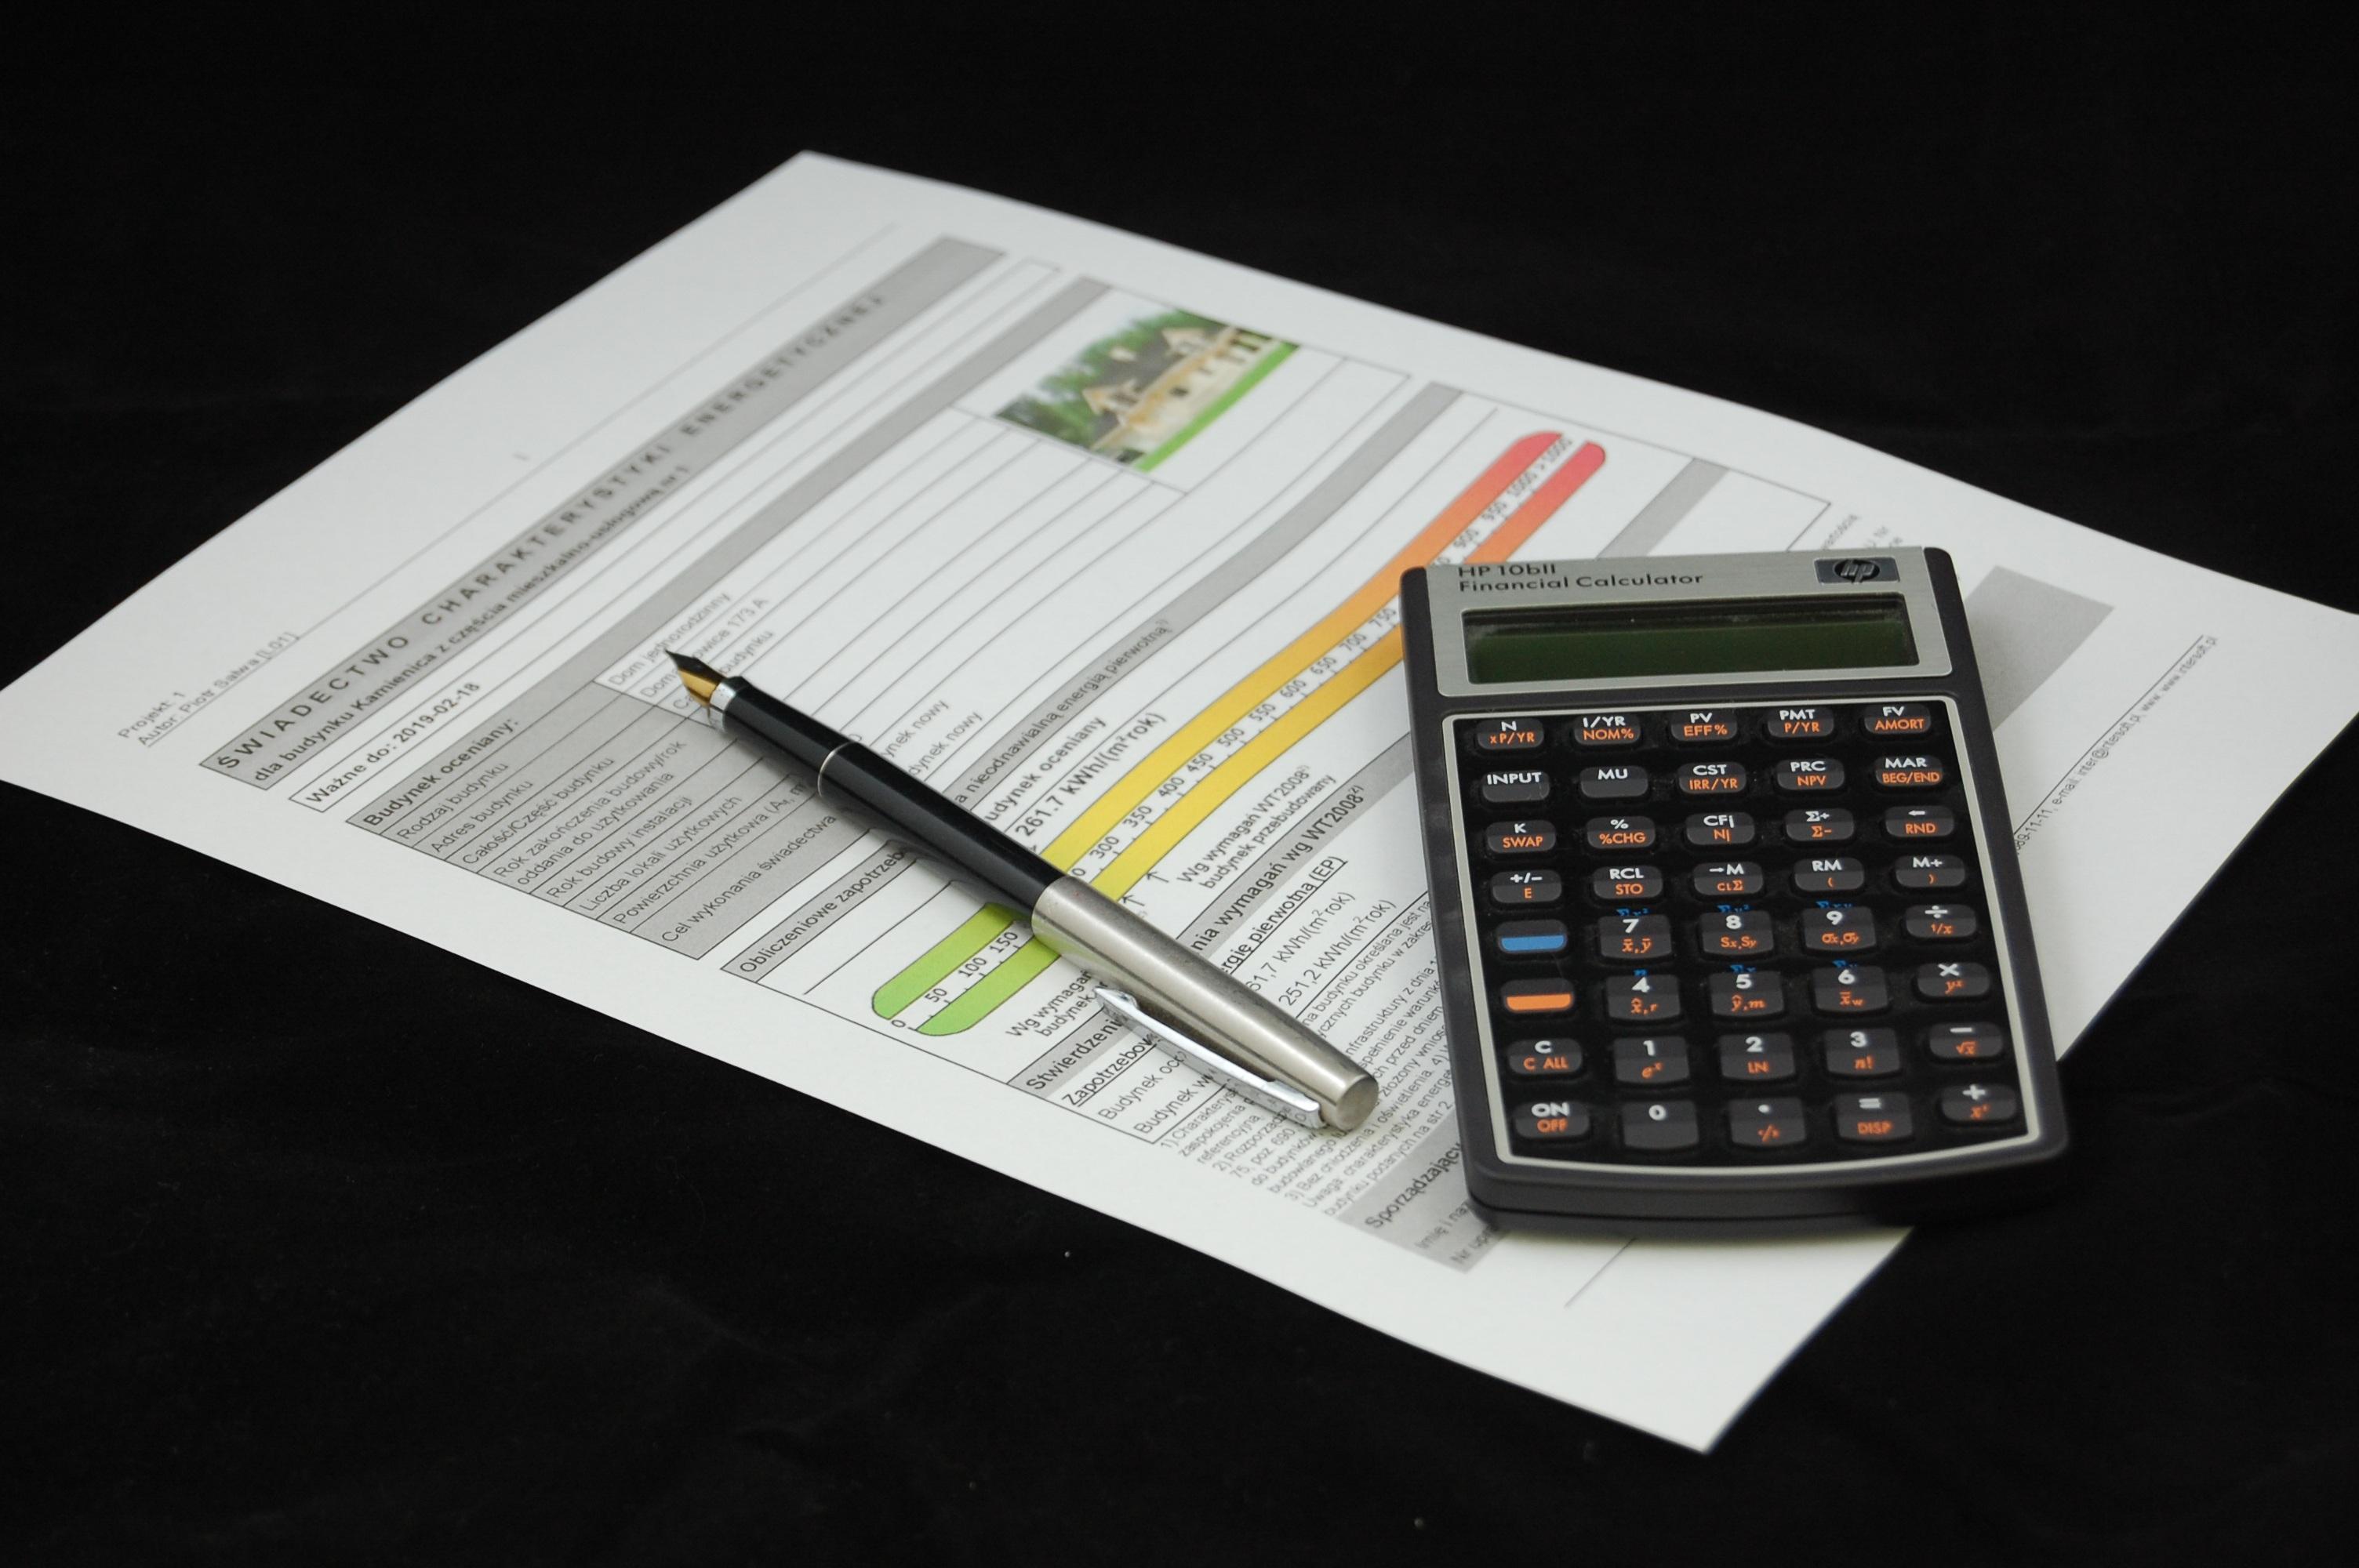 Une plateforme gratuite d'accompagnement économique au sein de la CANGT